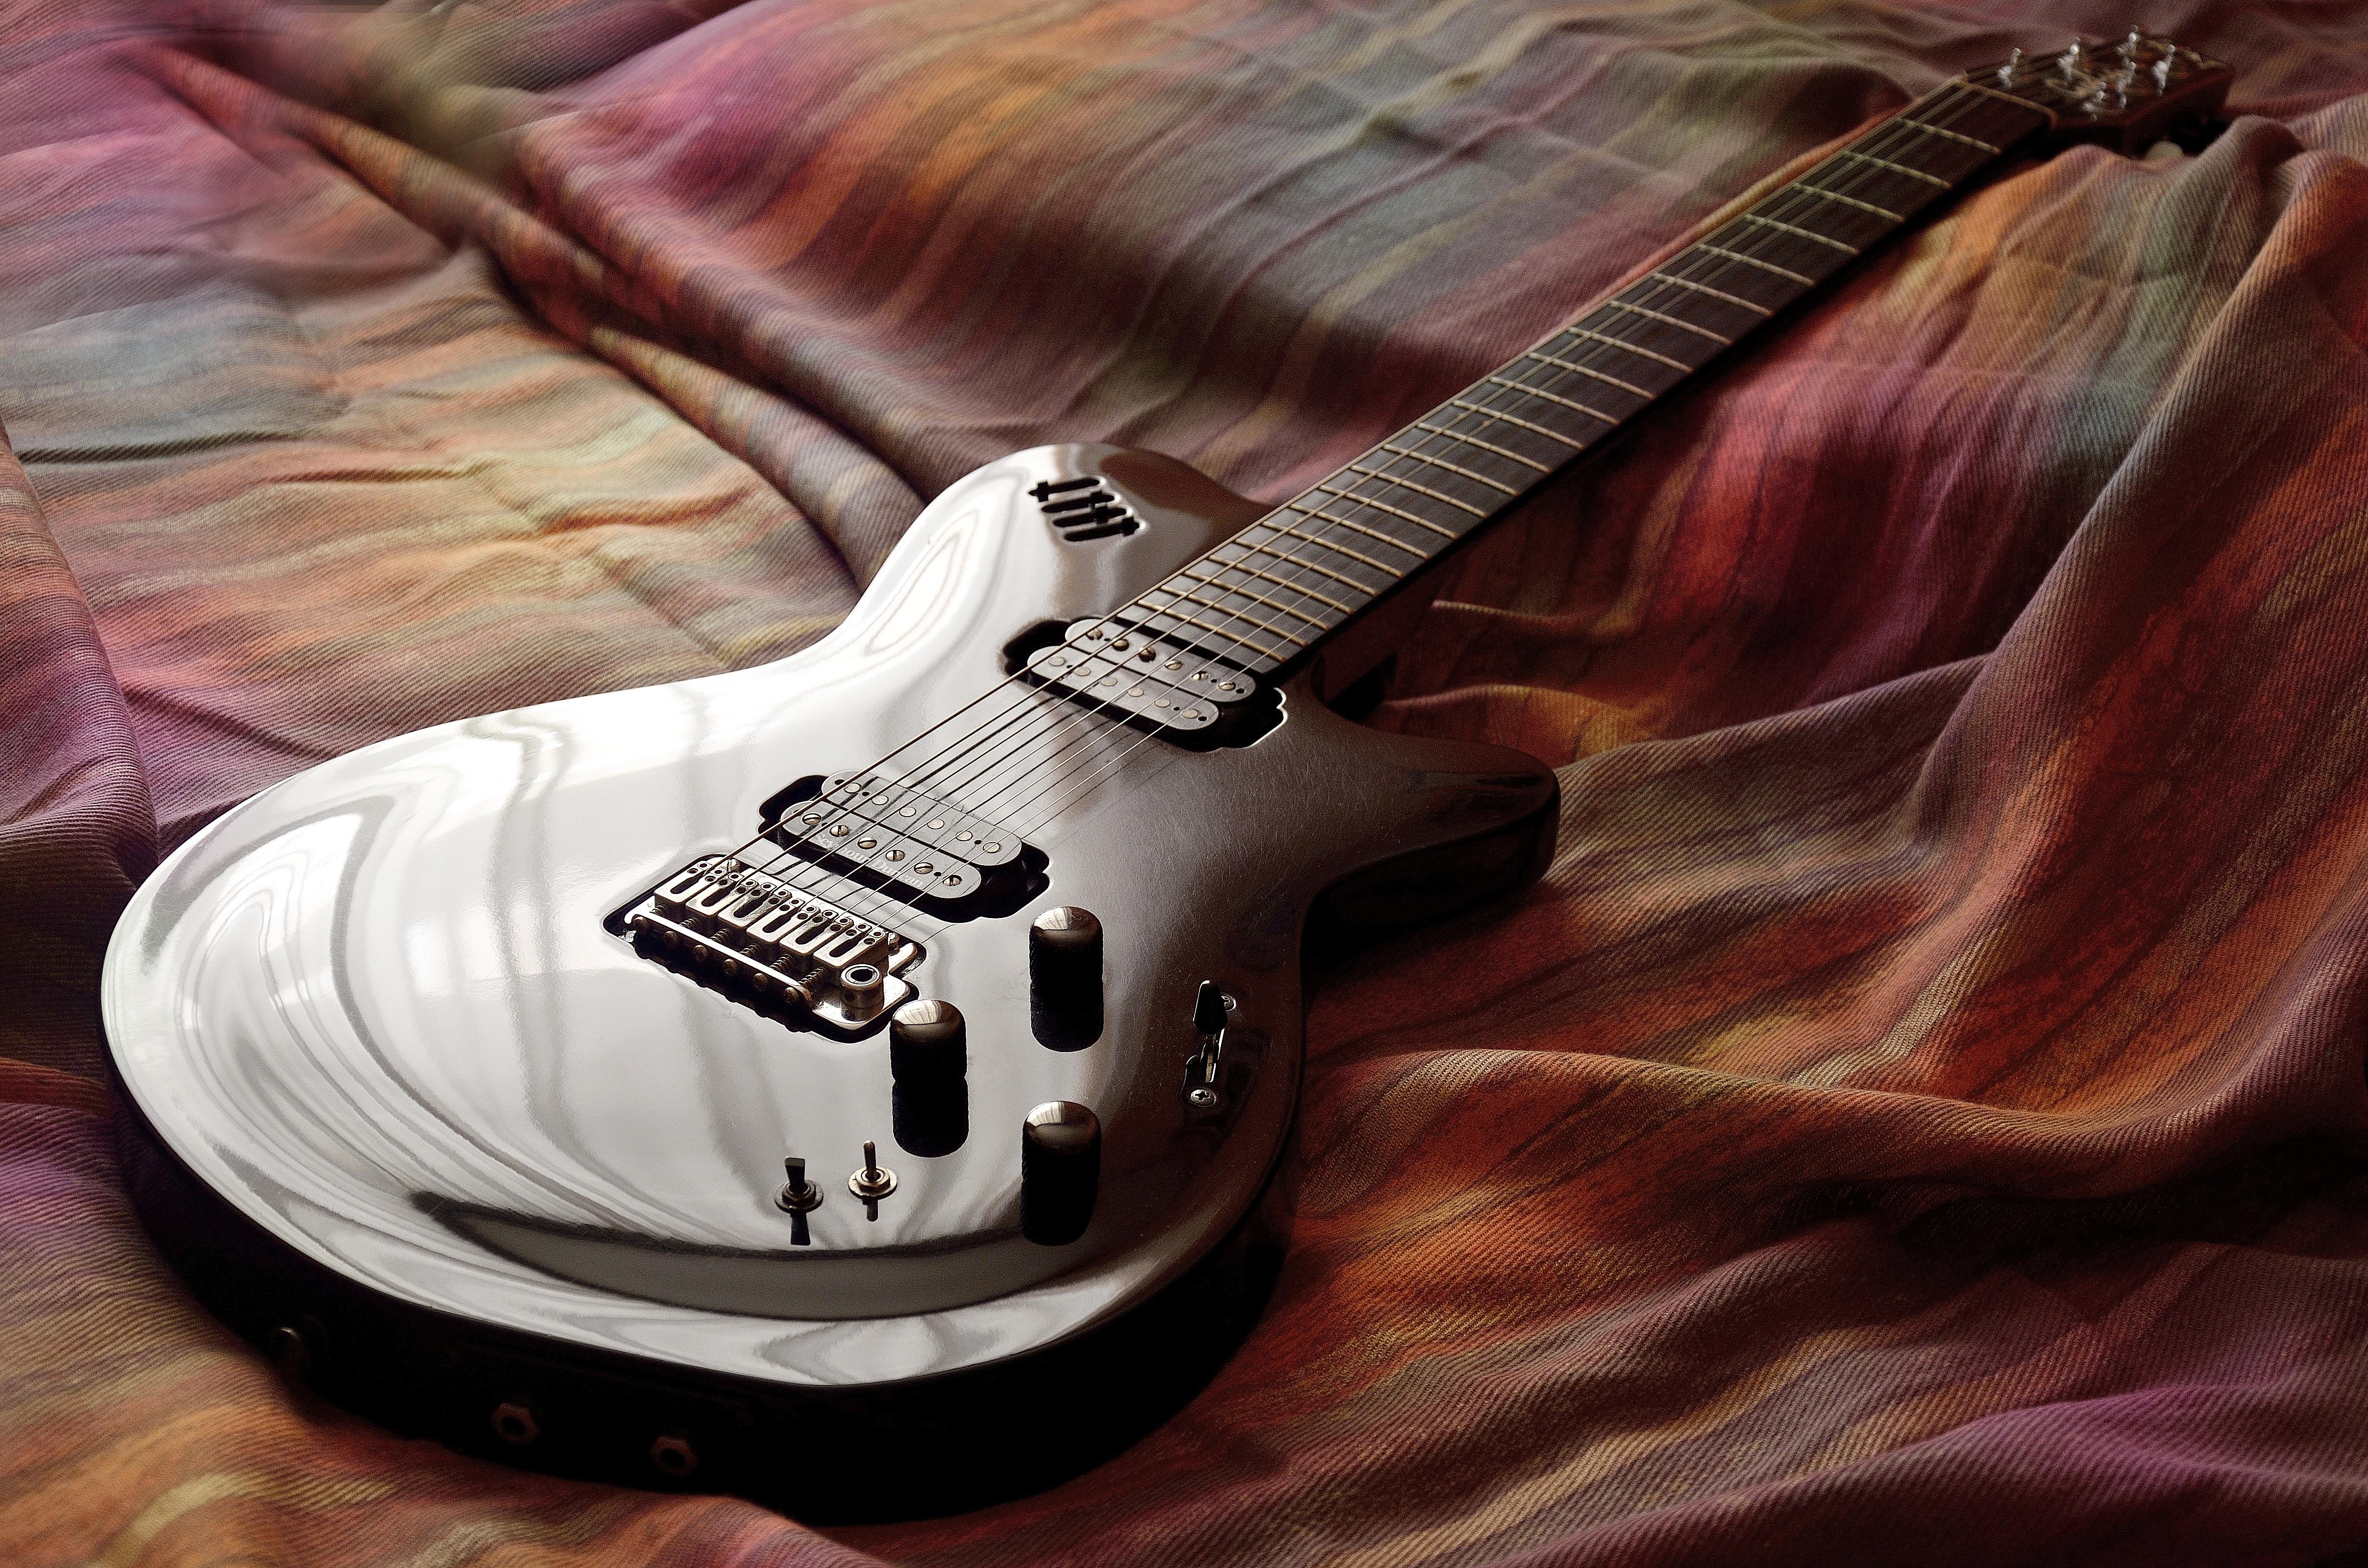 Картинки с самыми красивыми гитарами